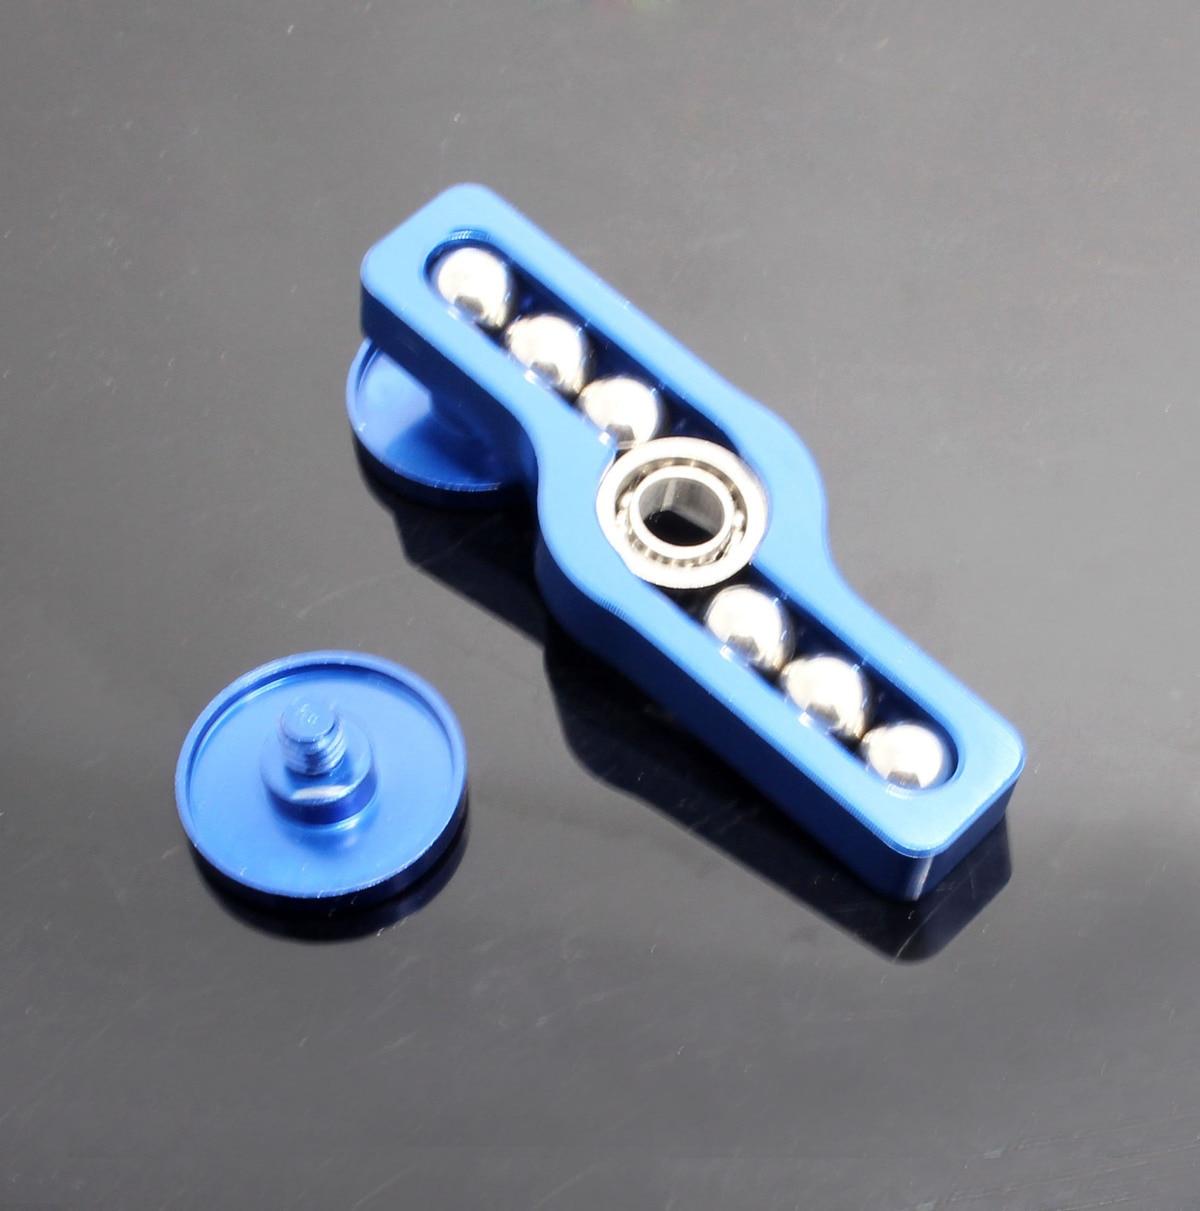 Fidget Spinner Hand Spinner Desk Anti Stress Ball Finger Spin Spinning Top EDC Sensory Aluminum Alloy Toy